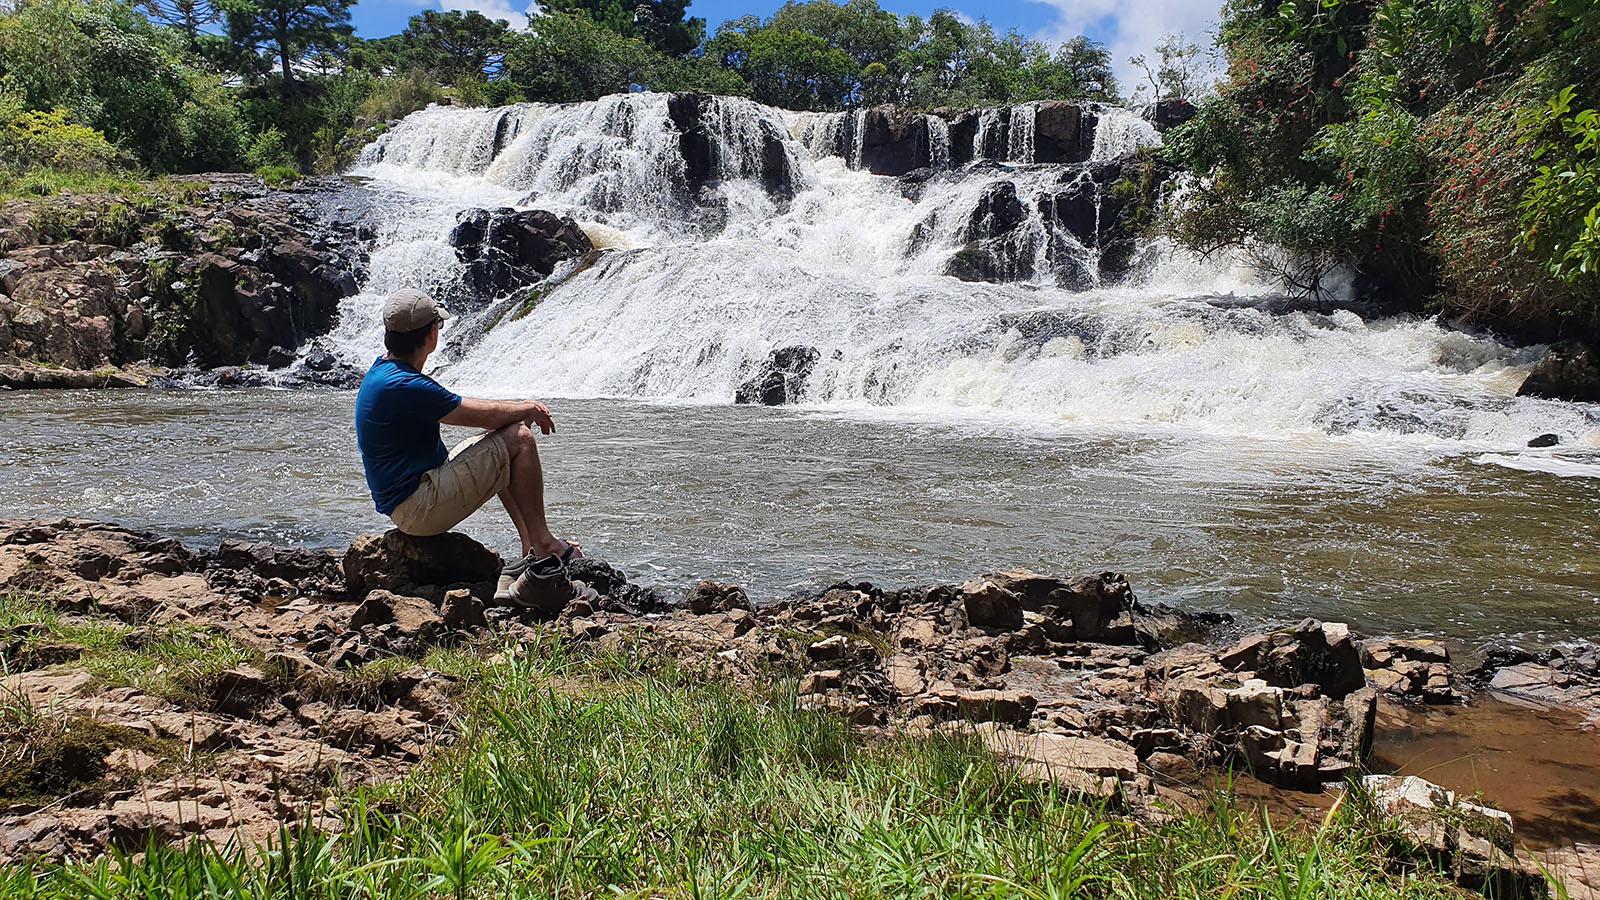 cachoeira ferias perto de casa